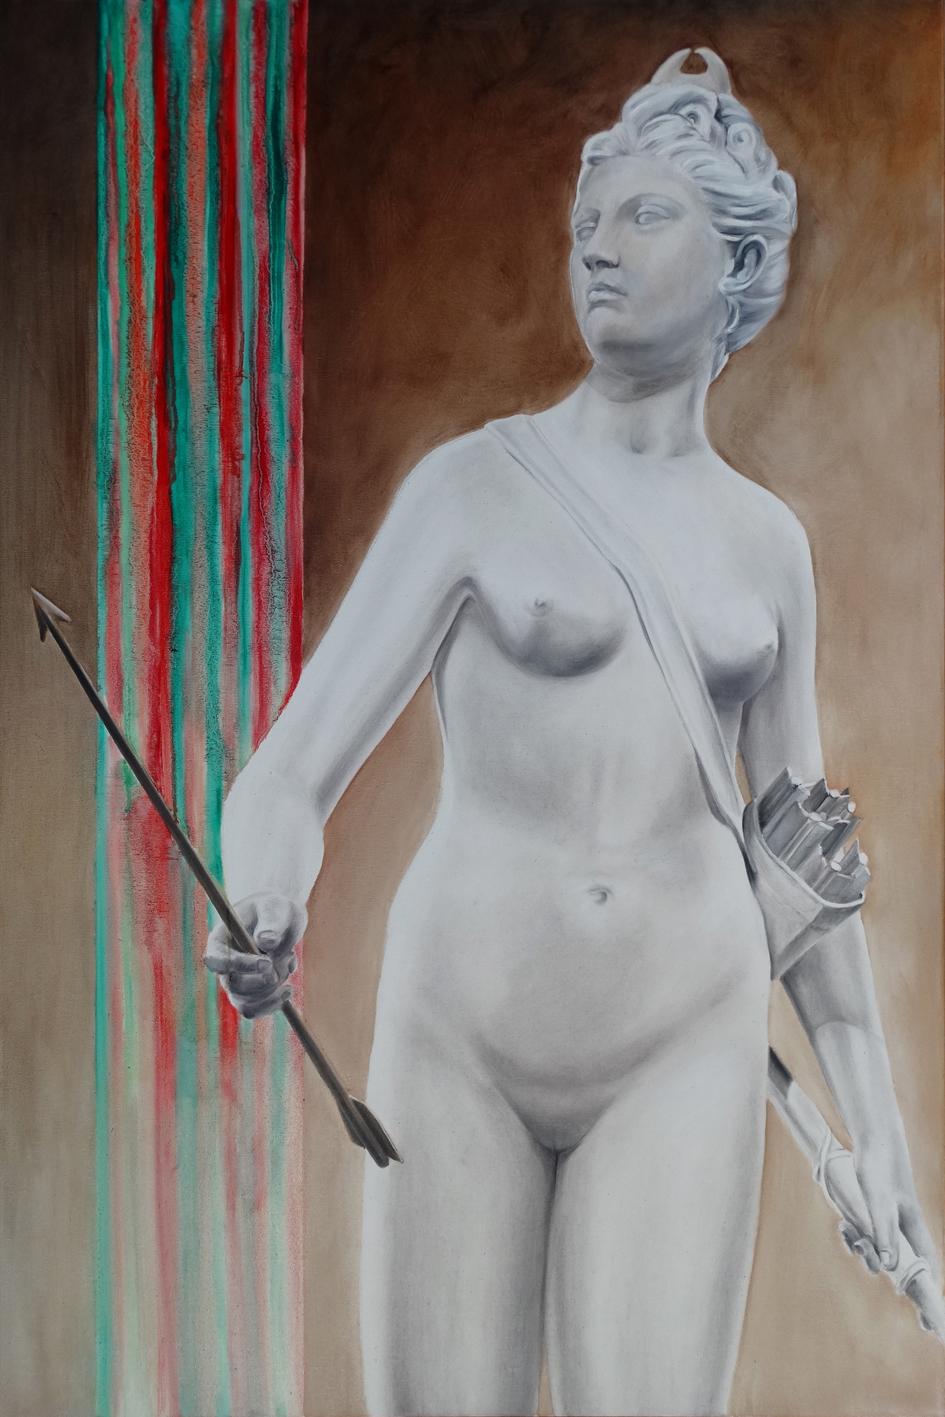 Ćwiczenia grecko-rzymskie - Diana Jean-Antoine Houdona, 2020, olej płótno, 80x120 cm / Greco Roman exercises - Jean-Antoine Houdon's Diana, 2020, oil on canvas, 80x120 cm